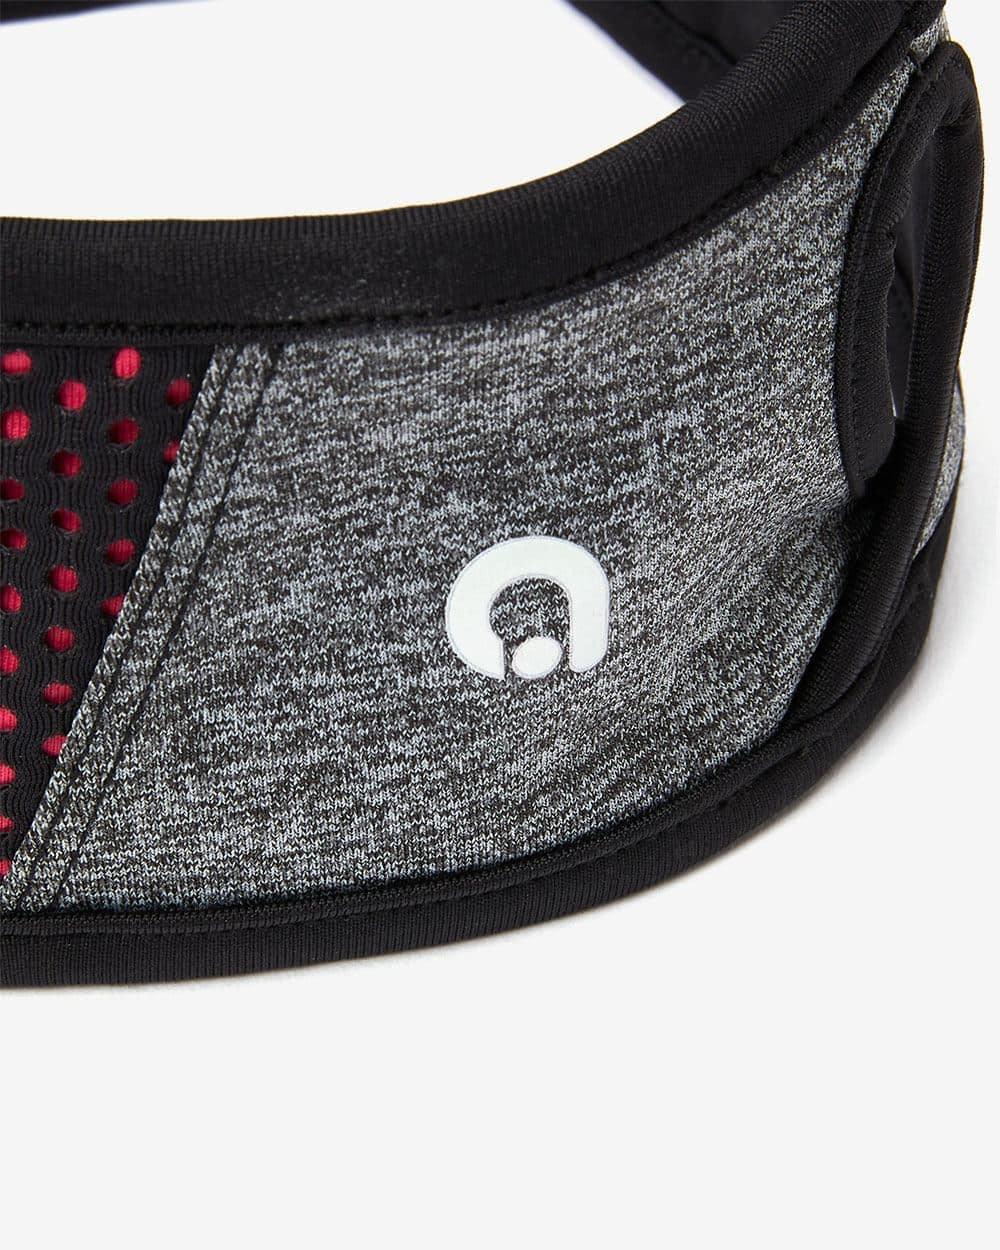 Hyba Colourblock Training Headband